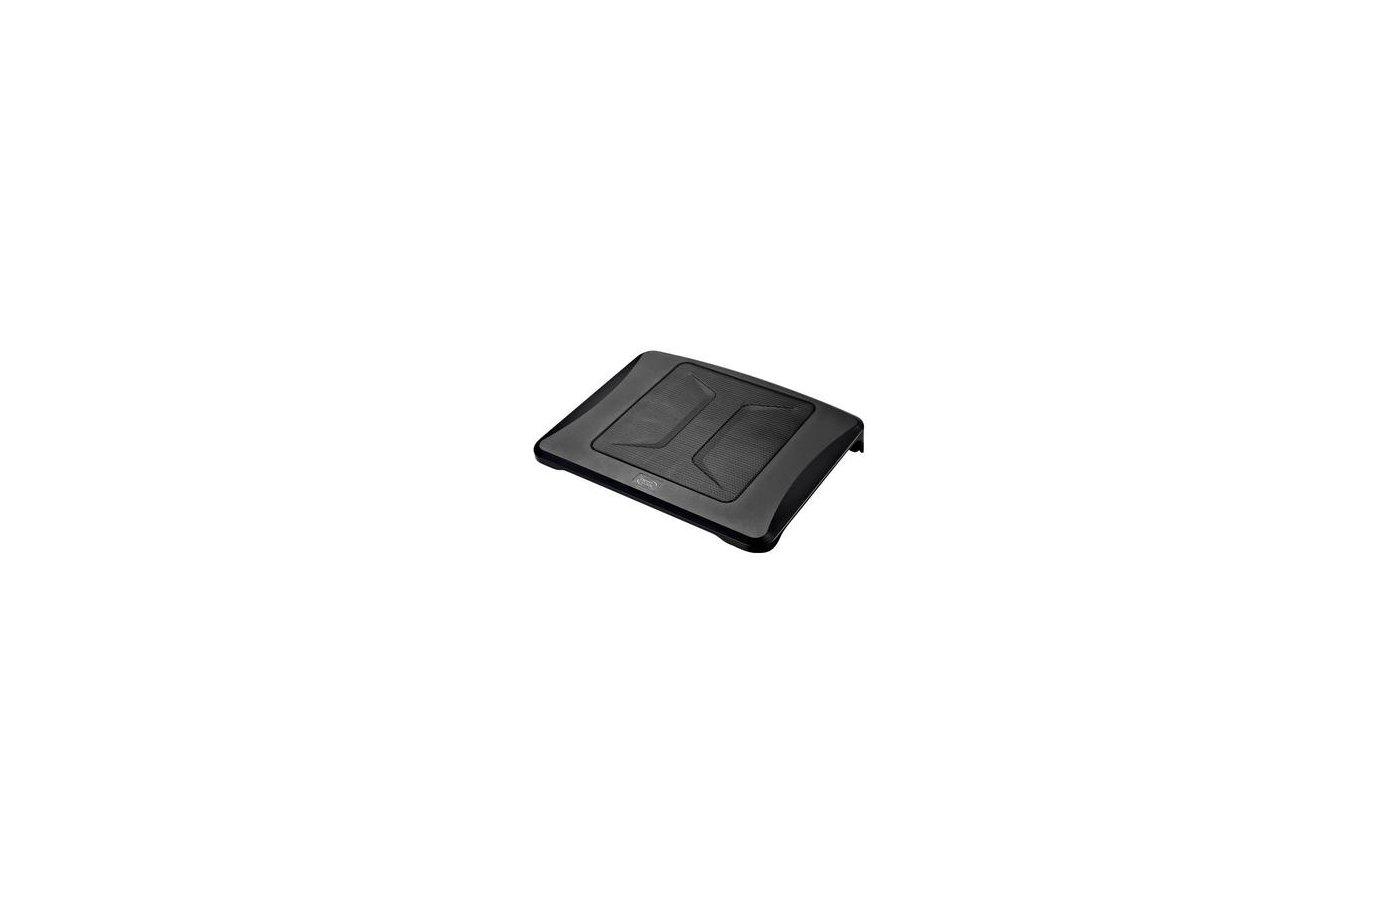 """Подставка для ноутбука Deepcool N300 15.6"""" 340x266x57mm 23dB 1xUSB 558g Black"""